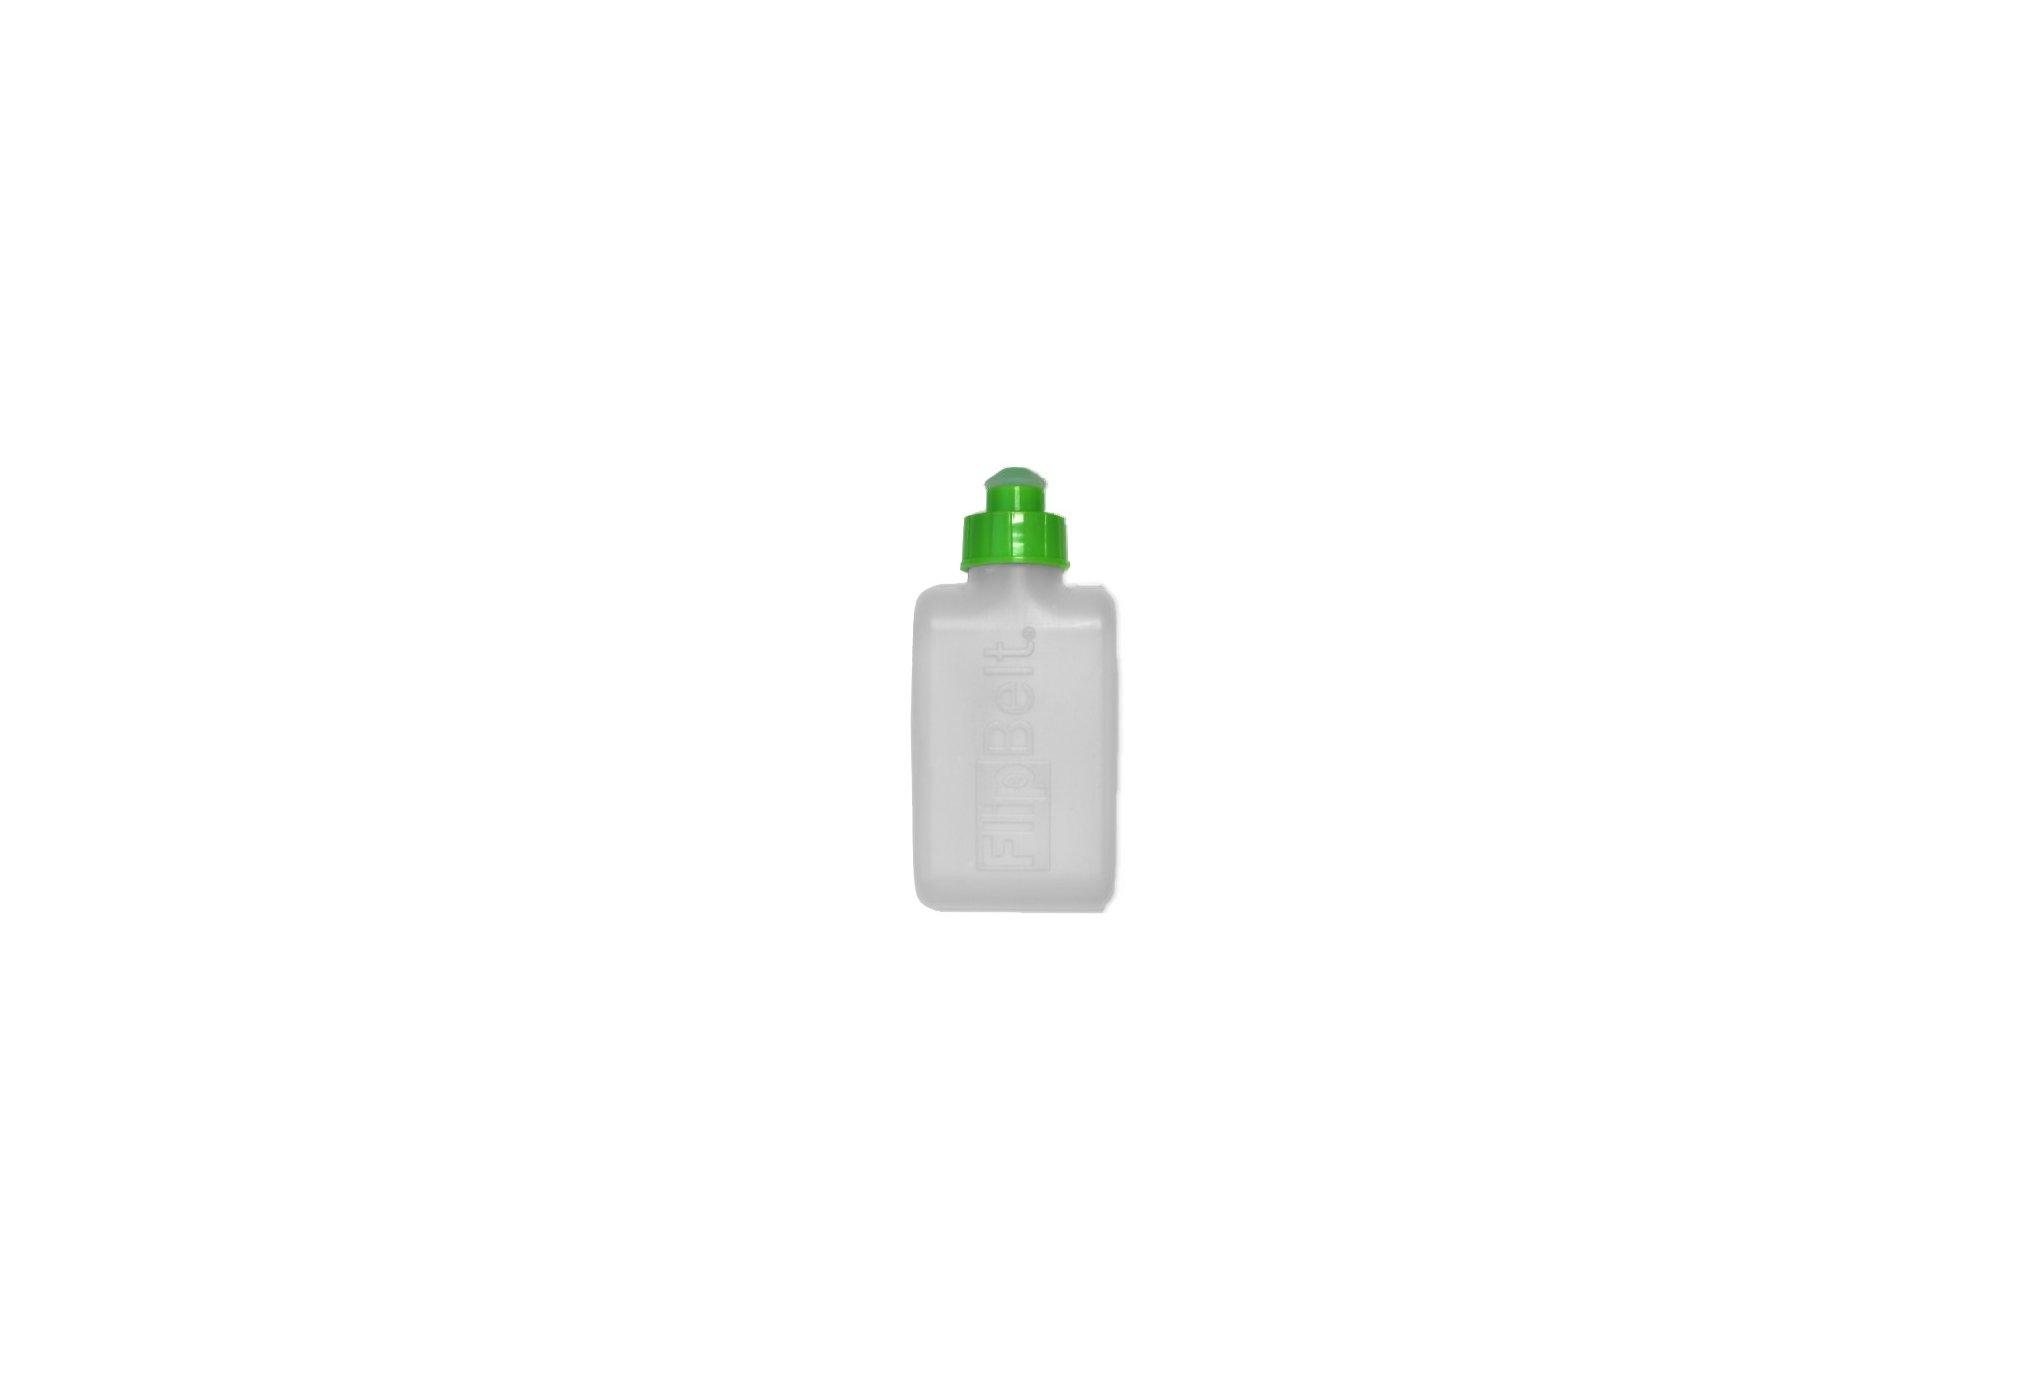 FlipBelt Bidon d'hydratation 175mL Sac hydratation / Gourde